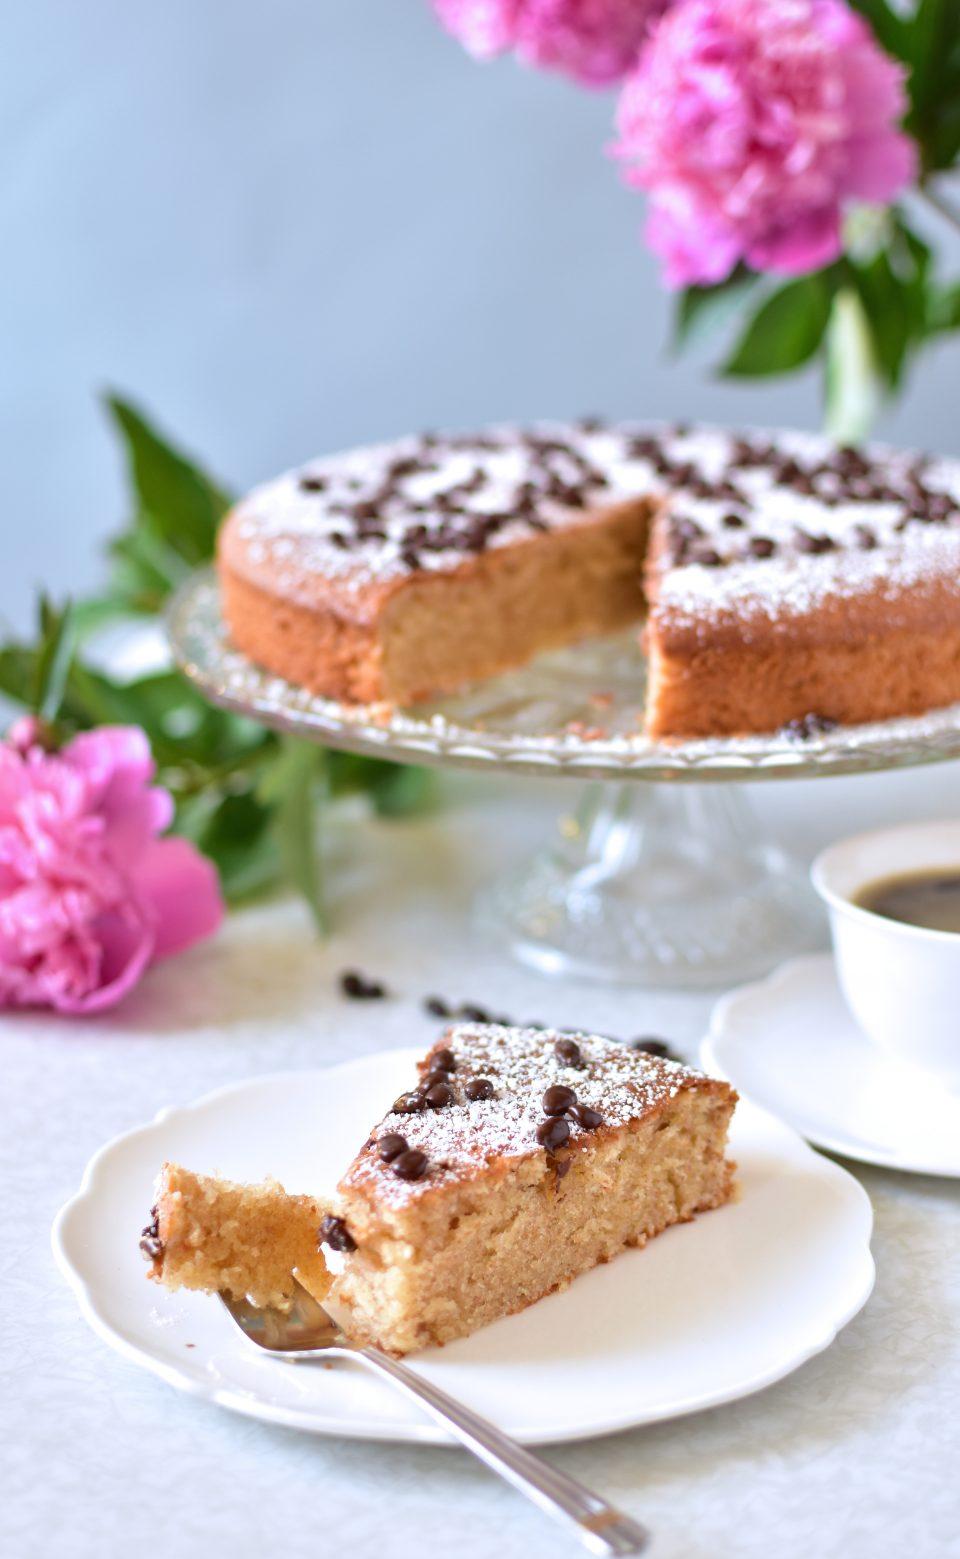 Kuchen mit Puderzucker bestäubt